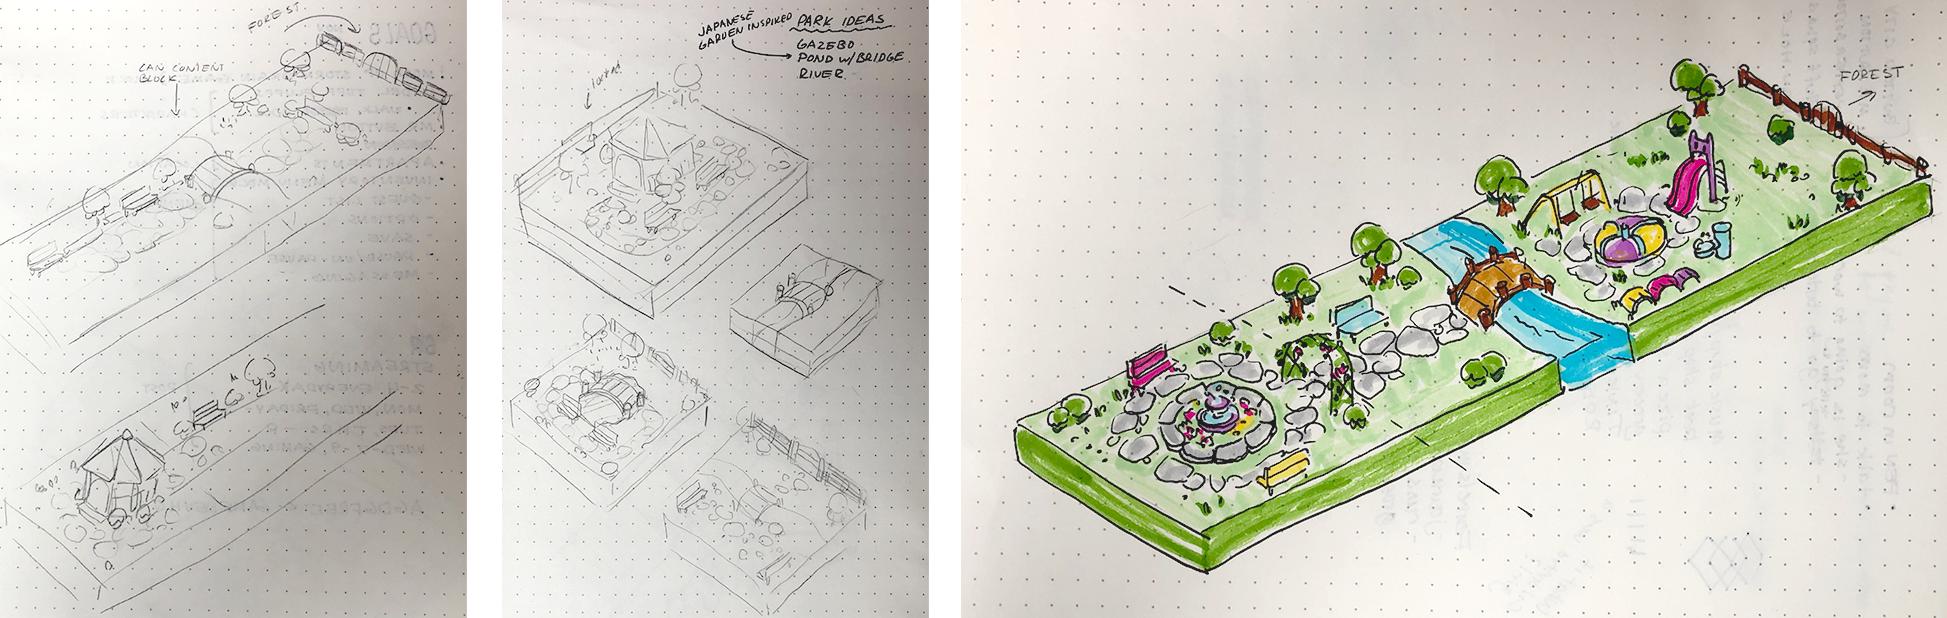 Park concept art!